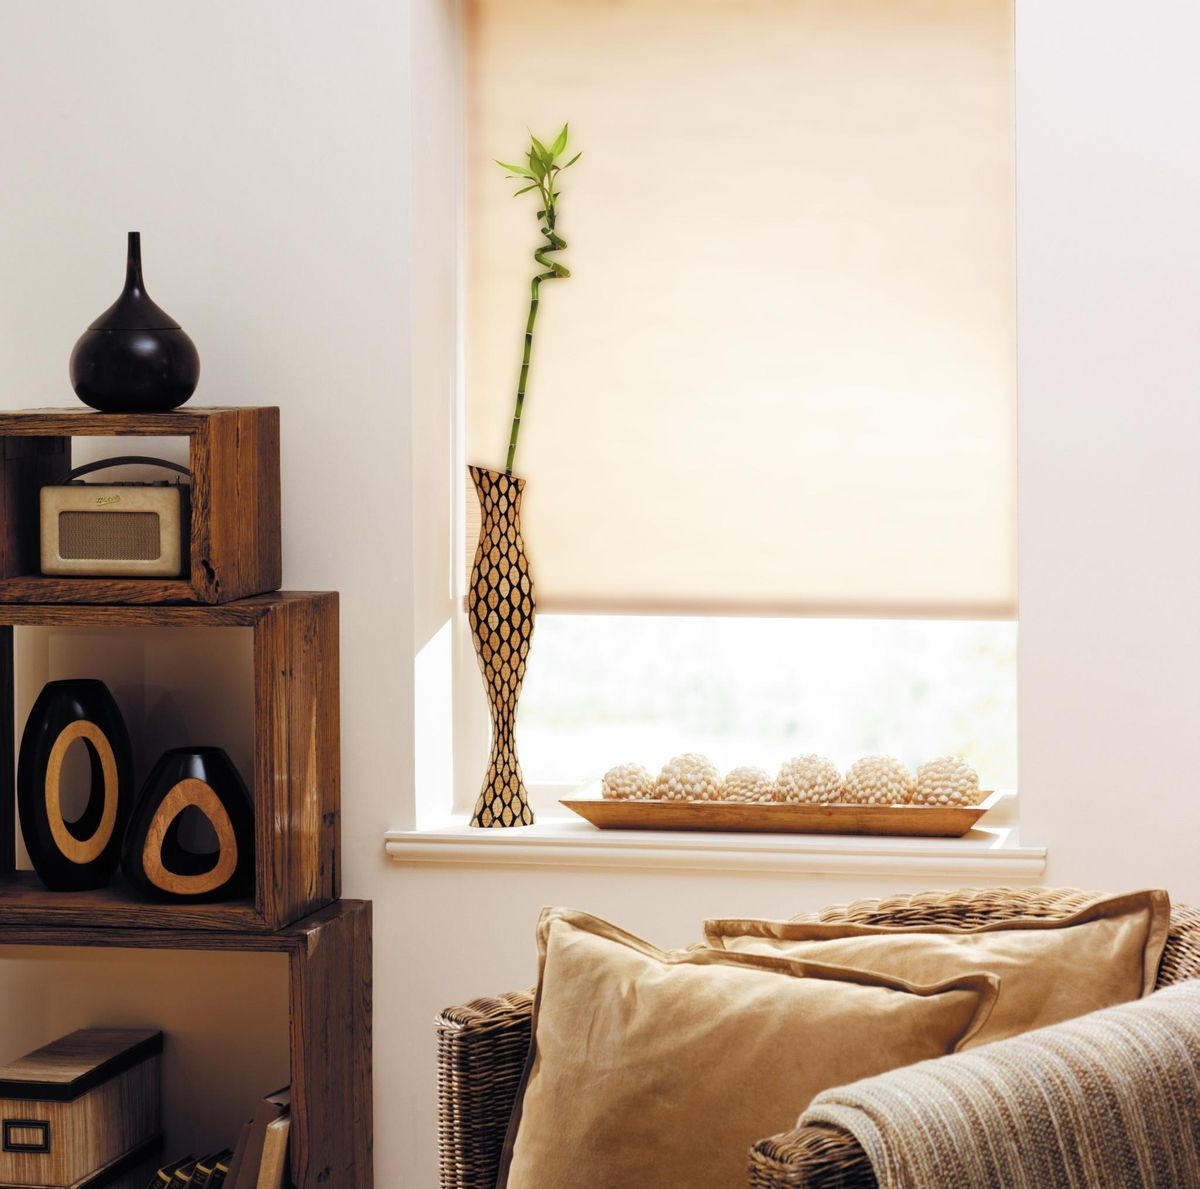 Штора рулонная Эскар, цвет: бежевый лен, ширина 130 см, высота 170 см106-026Рулонными шторами можно оформлять окна как самостоятельно, так и использовать в комбинации с портьерами. Это поможет предотвратить выгорание дорогой ткани на солнце и соединит функционал рулонных с красотой навесных.Преимущества применения рулонных штор для пластиковых окон:- имеют прекрасный внешний вид: многообразие и фактурность материала изделия отлично смотрятся в любом интерьере; - многофункциональны: есть возможность подобрать шторы способные эффективно защитить комнату от солнца, при этом о на не будет слишком темной. - Есть возможность осуществить быстрый монтаж. ВНИМАНИЕ! Размеры ширины изделия указаны по ширине ткани!Во время эксплуатации не рекомендуется полностью разматывать рулон, чтобы не оторвать ткань от намоточного вала.В случае загрязнения поверхности ткани, чистку шторы проводят одним из способов, в зависимости от типа загрязнения: легкое поверхностное загрязнение можно удалить при помощи канцелярского ластика; чистка от пыли производится сухим методом при помощи пылесоса с мягкой щеткой-насадкой; для удаления пятна используйте мягкую губку с пенообразующим неагрессивным моющим средством или пятновыводитель на натуральной основе (нельзя применять растворители).